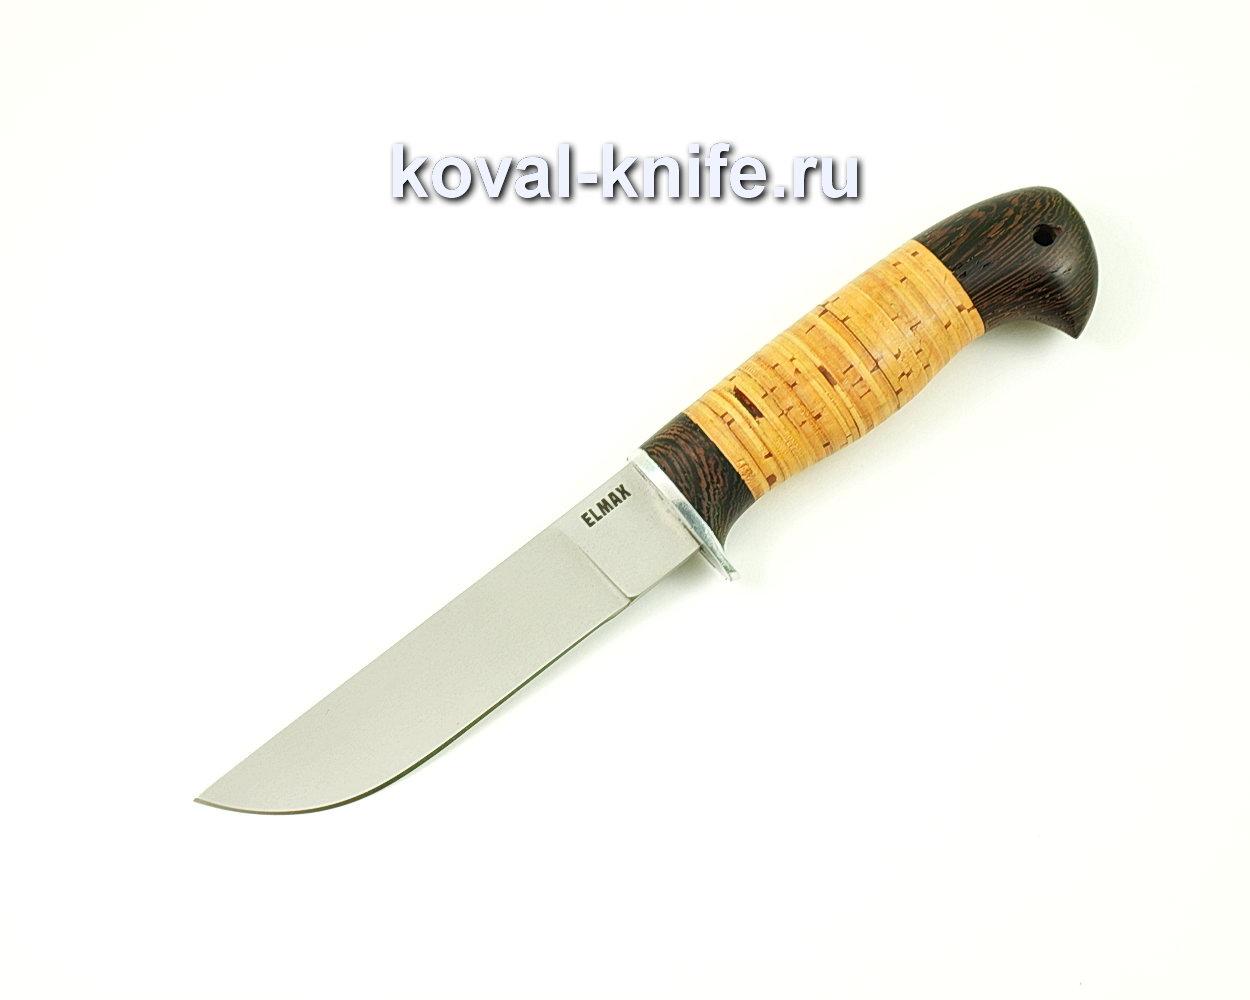 Нож Белка из порошковой стали Elmax (рукоять граб и береста) A394